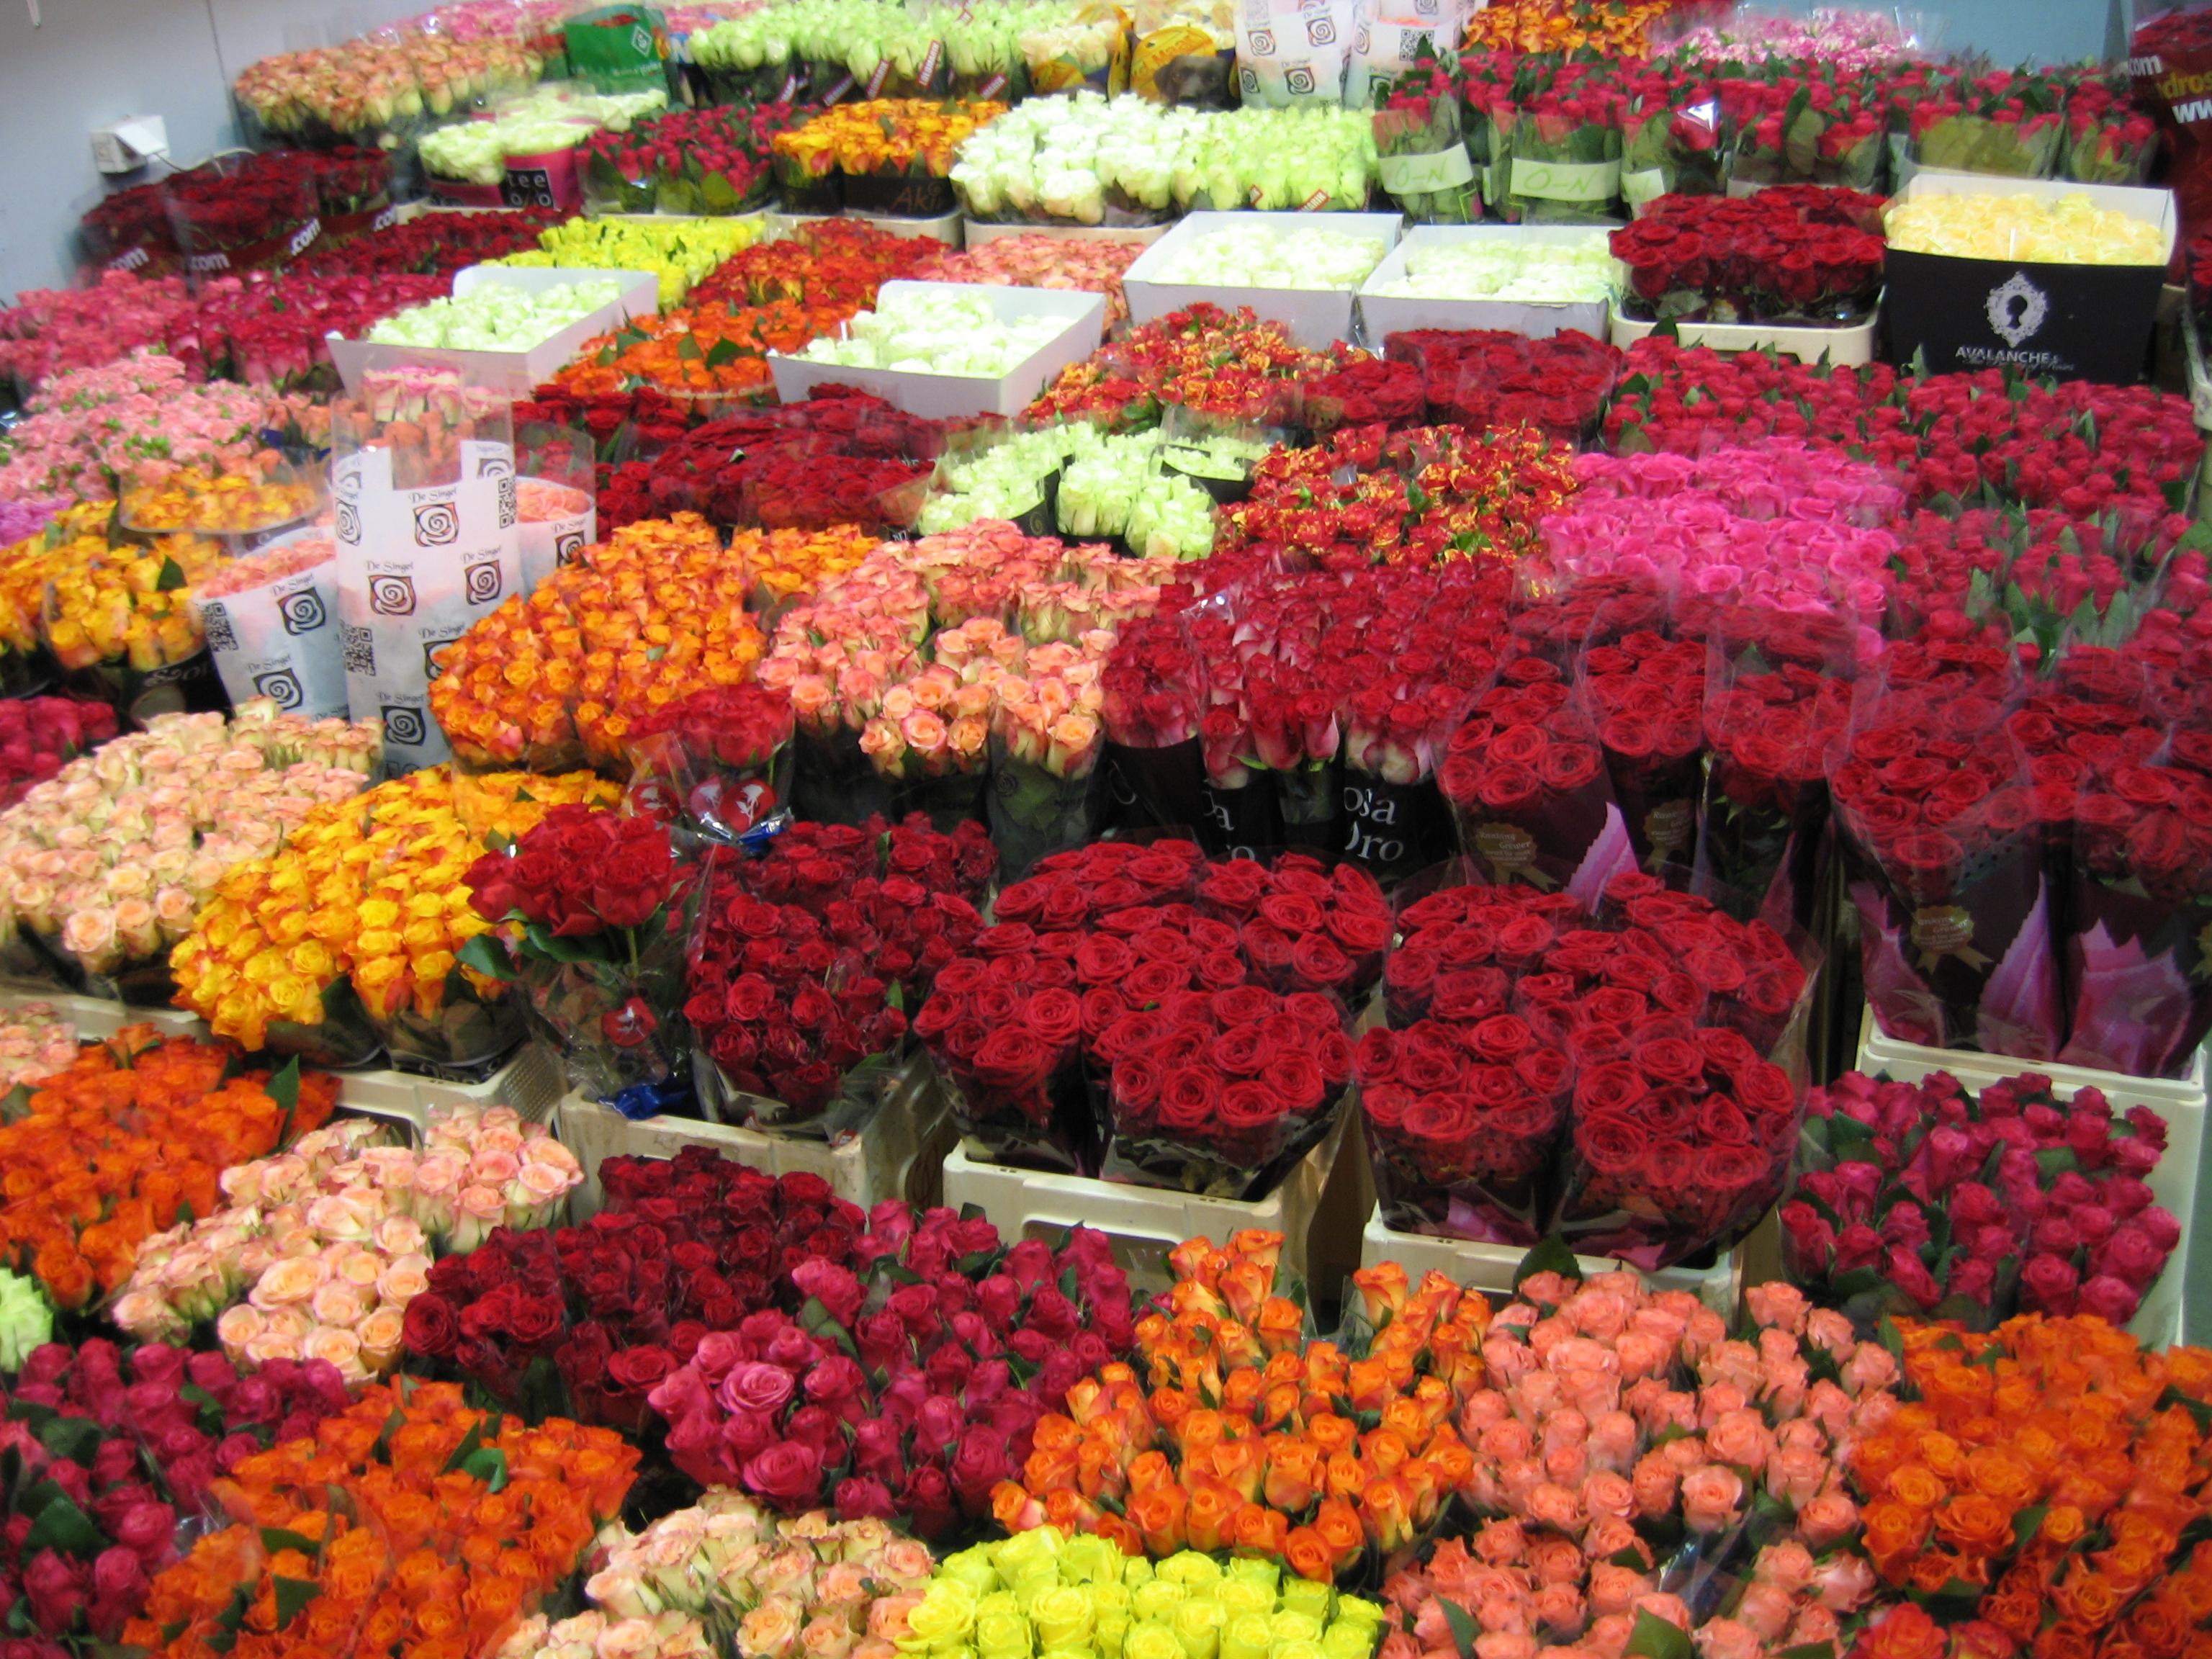 Оптовая база срезанных цветов г. москва, оптом спб